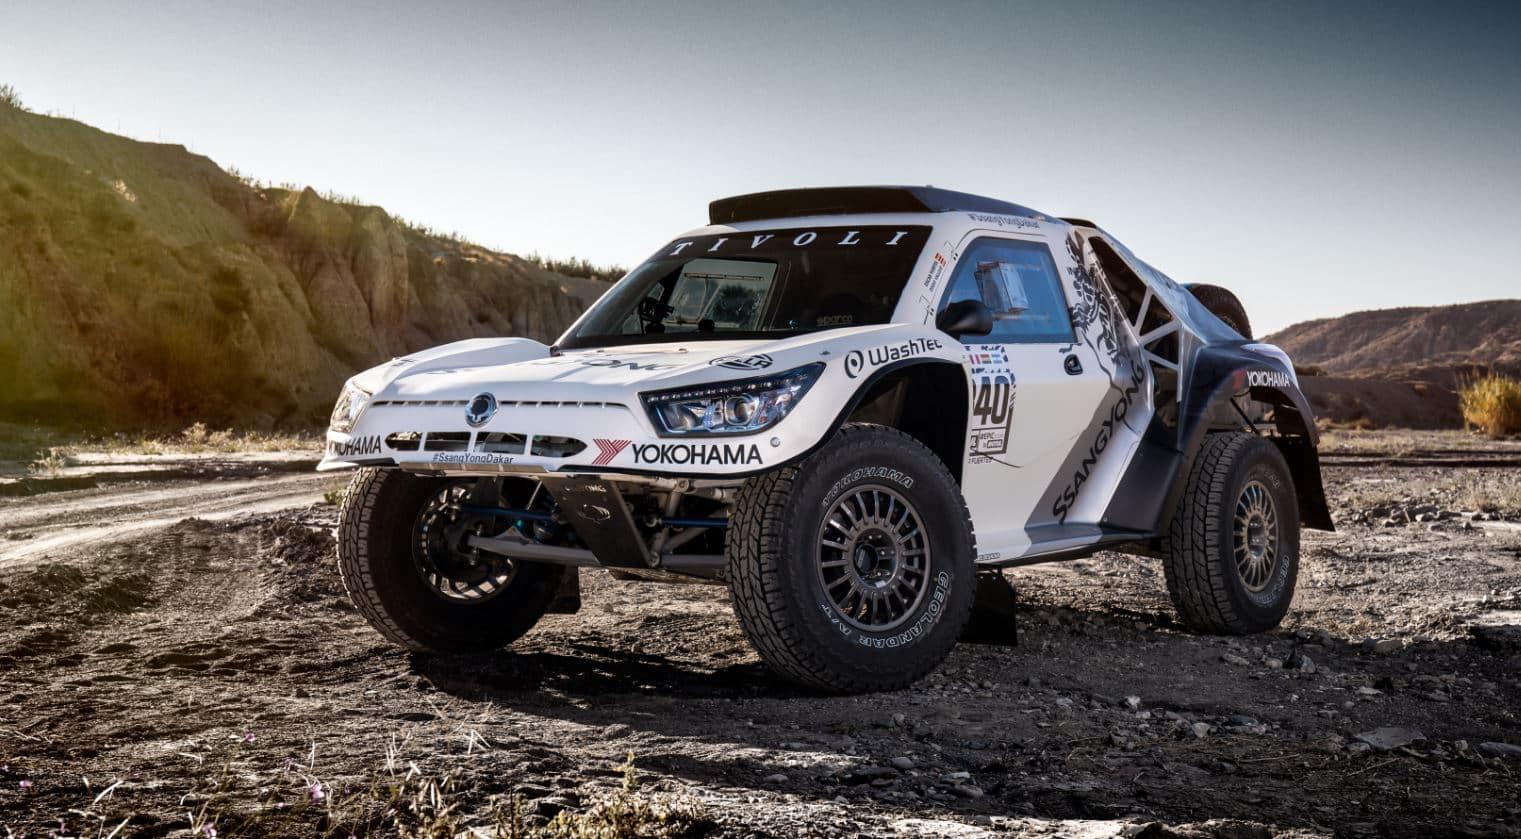 """SsangYong Tivoli DKR: Producto y equipo """"Made in Spain"""" rumbo al Dakar más exigente de la historia"""